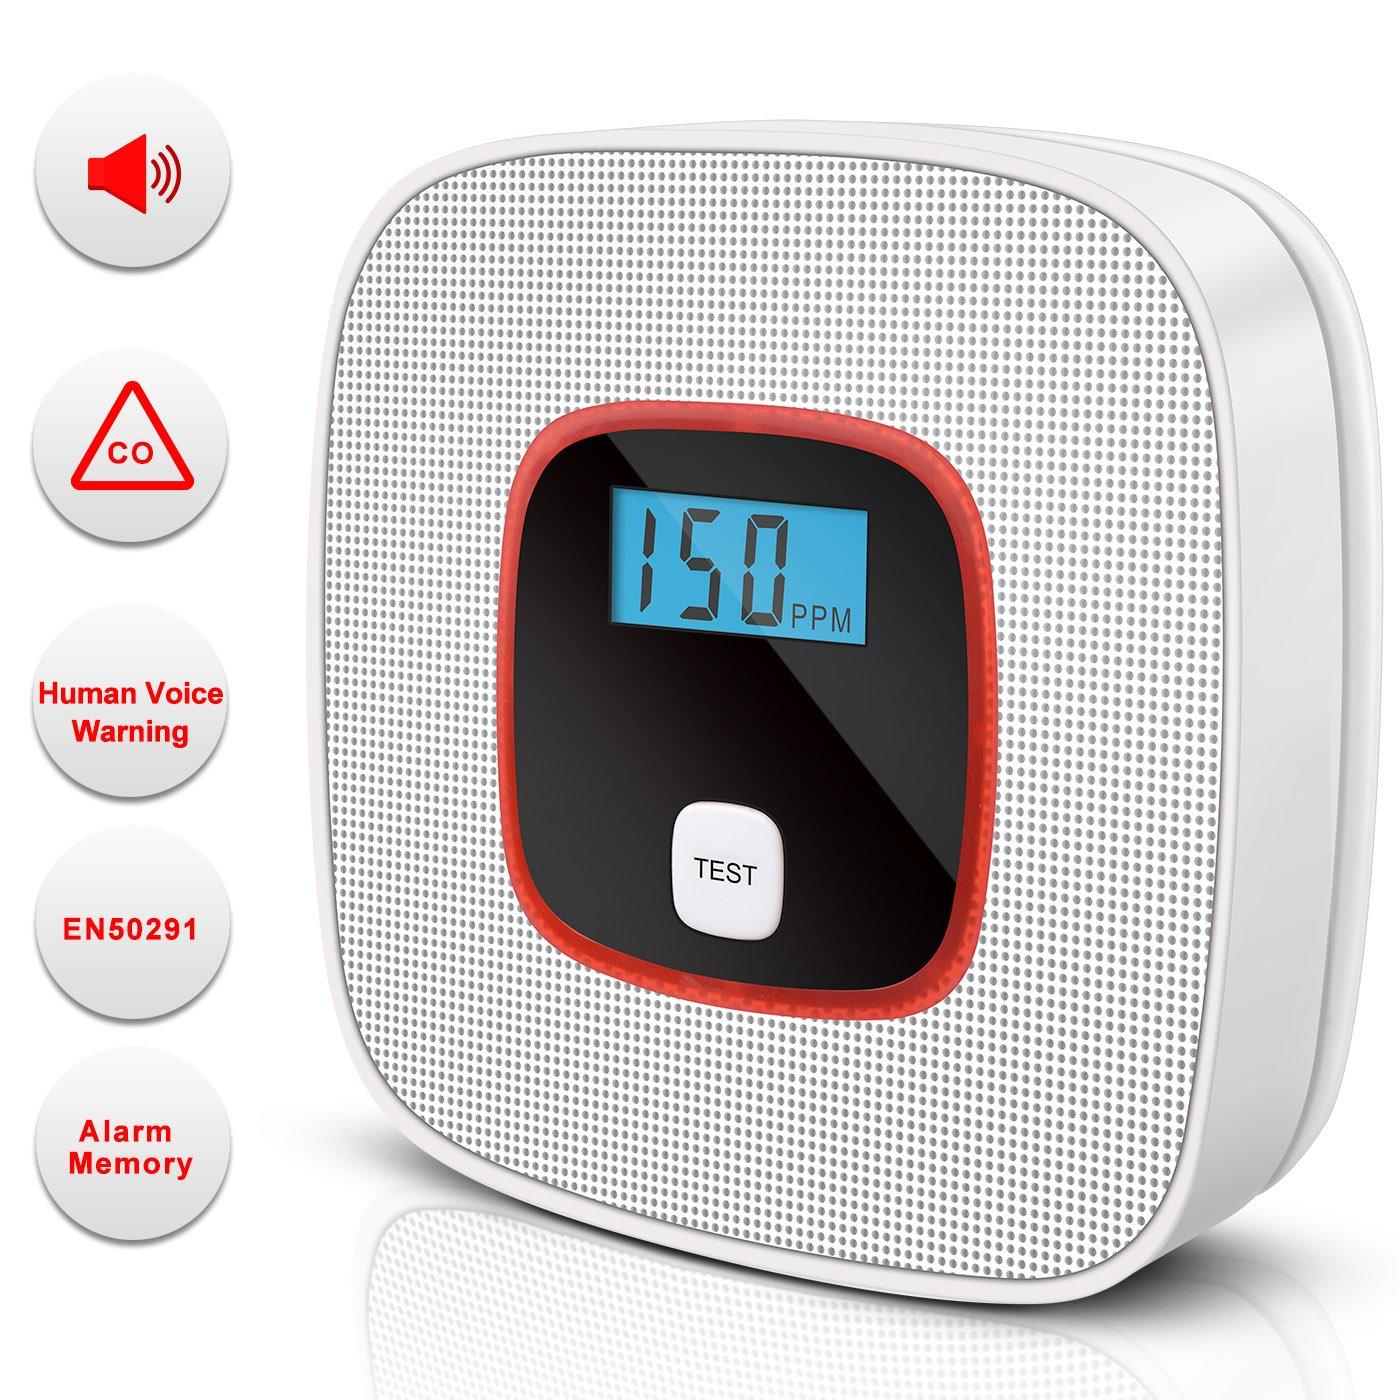 Detectores de monóxido de carbono Alarma de monóxido de carbono, Detector de CO Alta sensibilidad con Display LCD Pantalla Digital (Blanco)